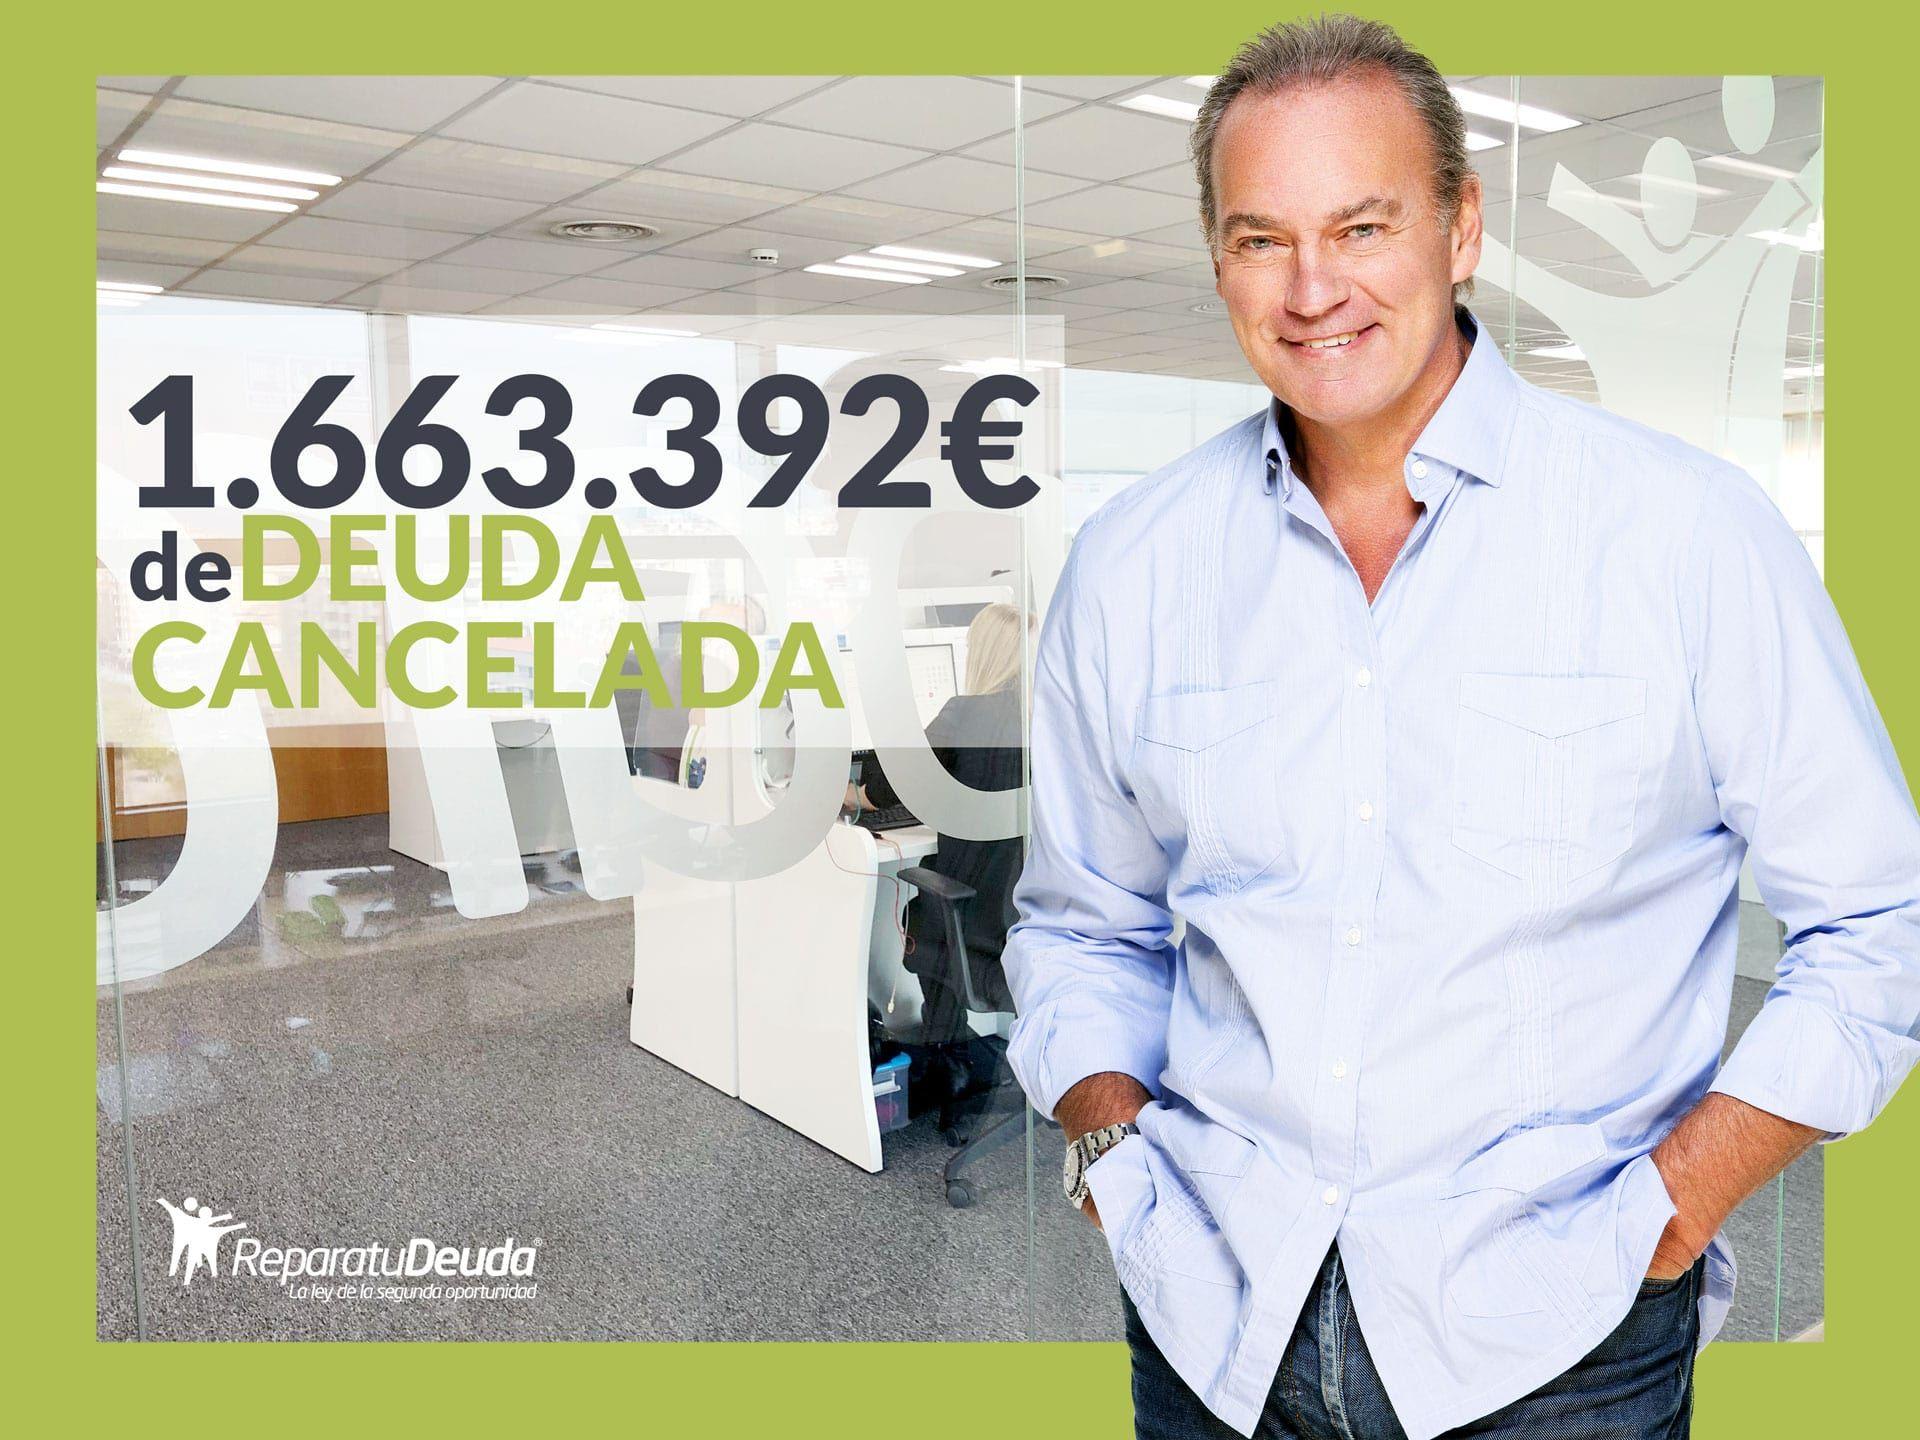 Repara tu Deuda Abogados cancela 1.663.392 ? de deuda en Barcelona con la Ley de la Segunda Oportunidad